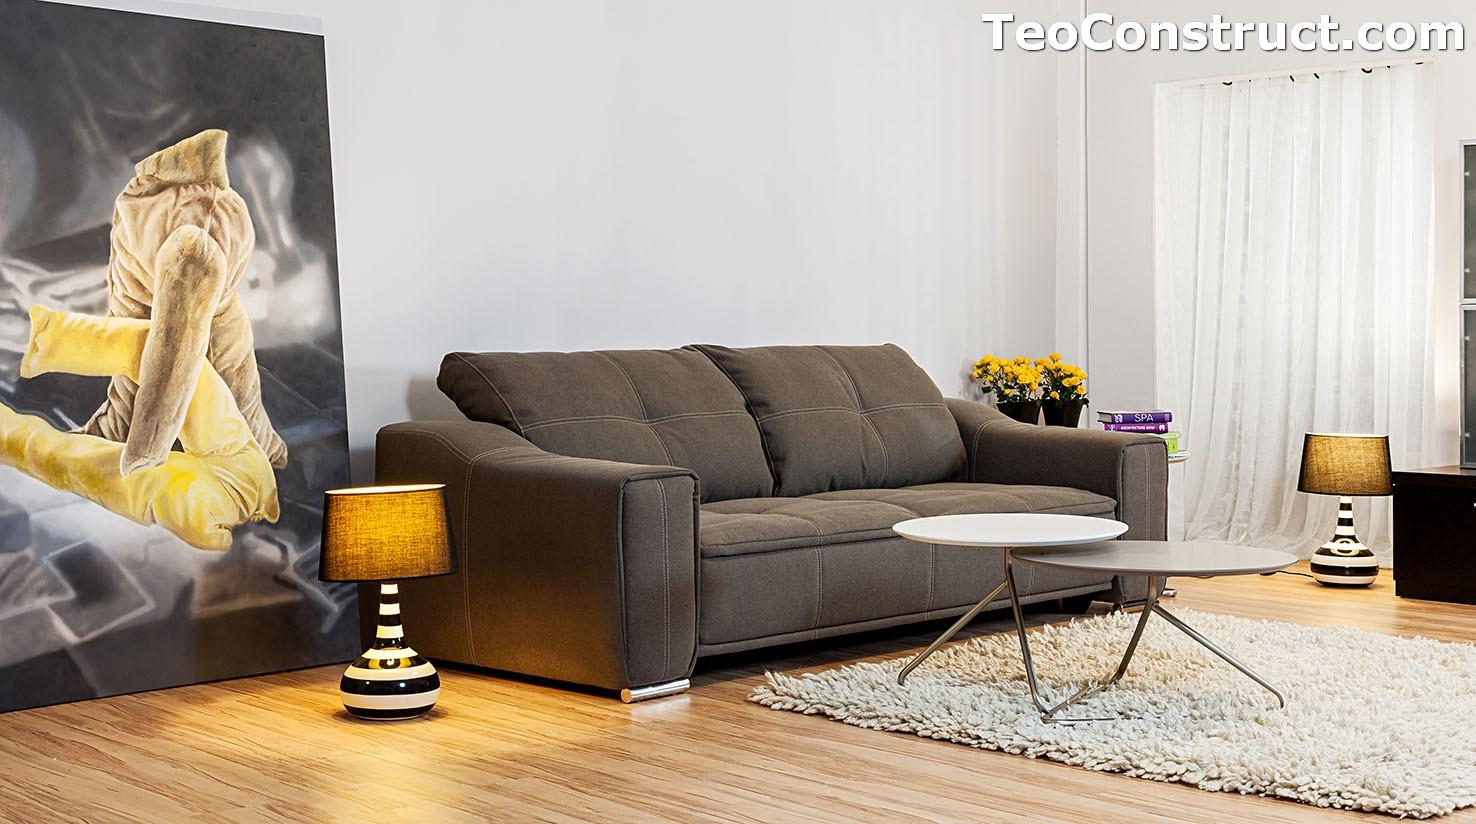 Canapea Isabela extensibila pentru living 6